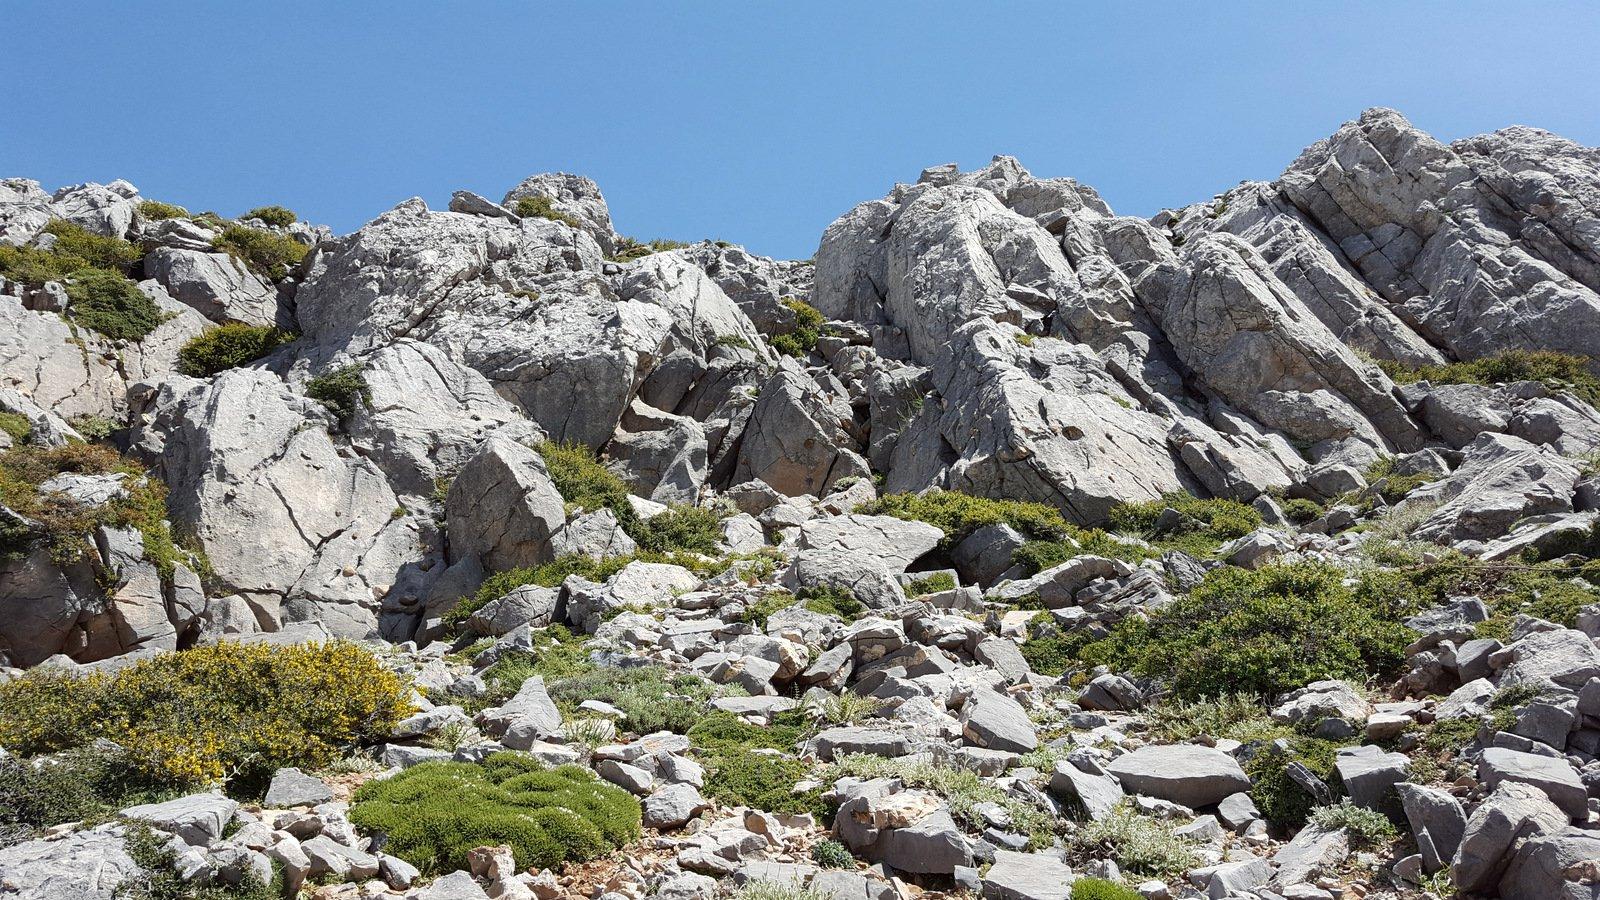 La barriera di grandi massi da oltrepassare per scendere al Mitato Piroù.